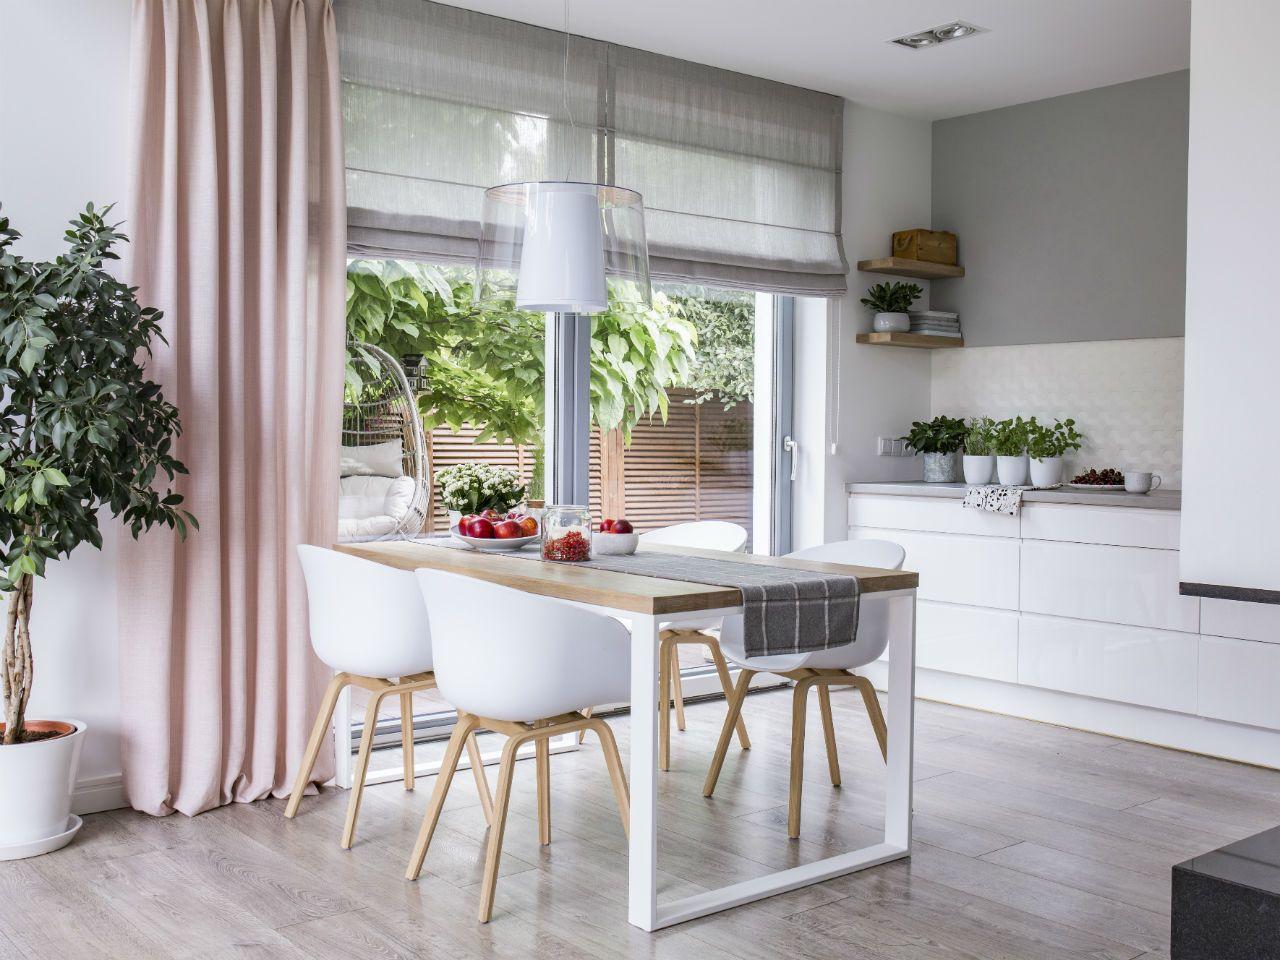 Jaki Kupić Stół Do Małej Kuchni Wnętrza Ze Smakiem